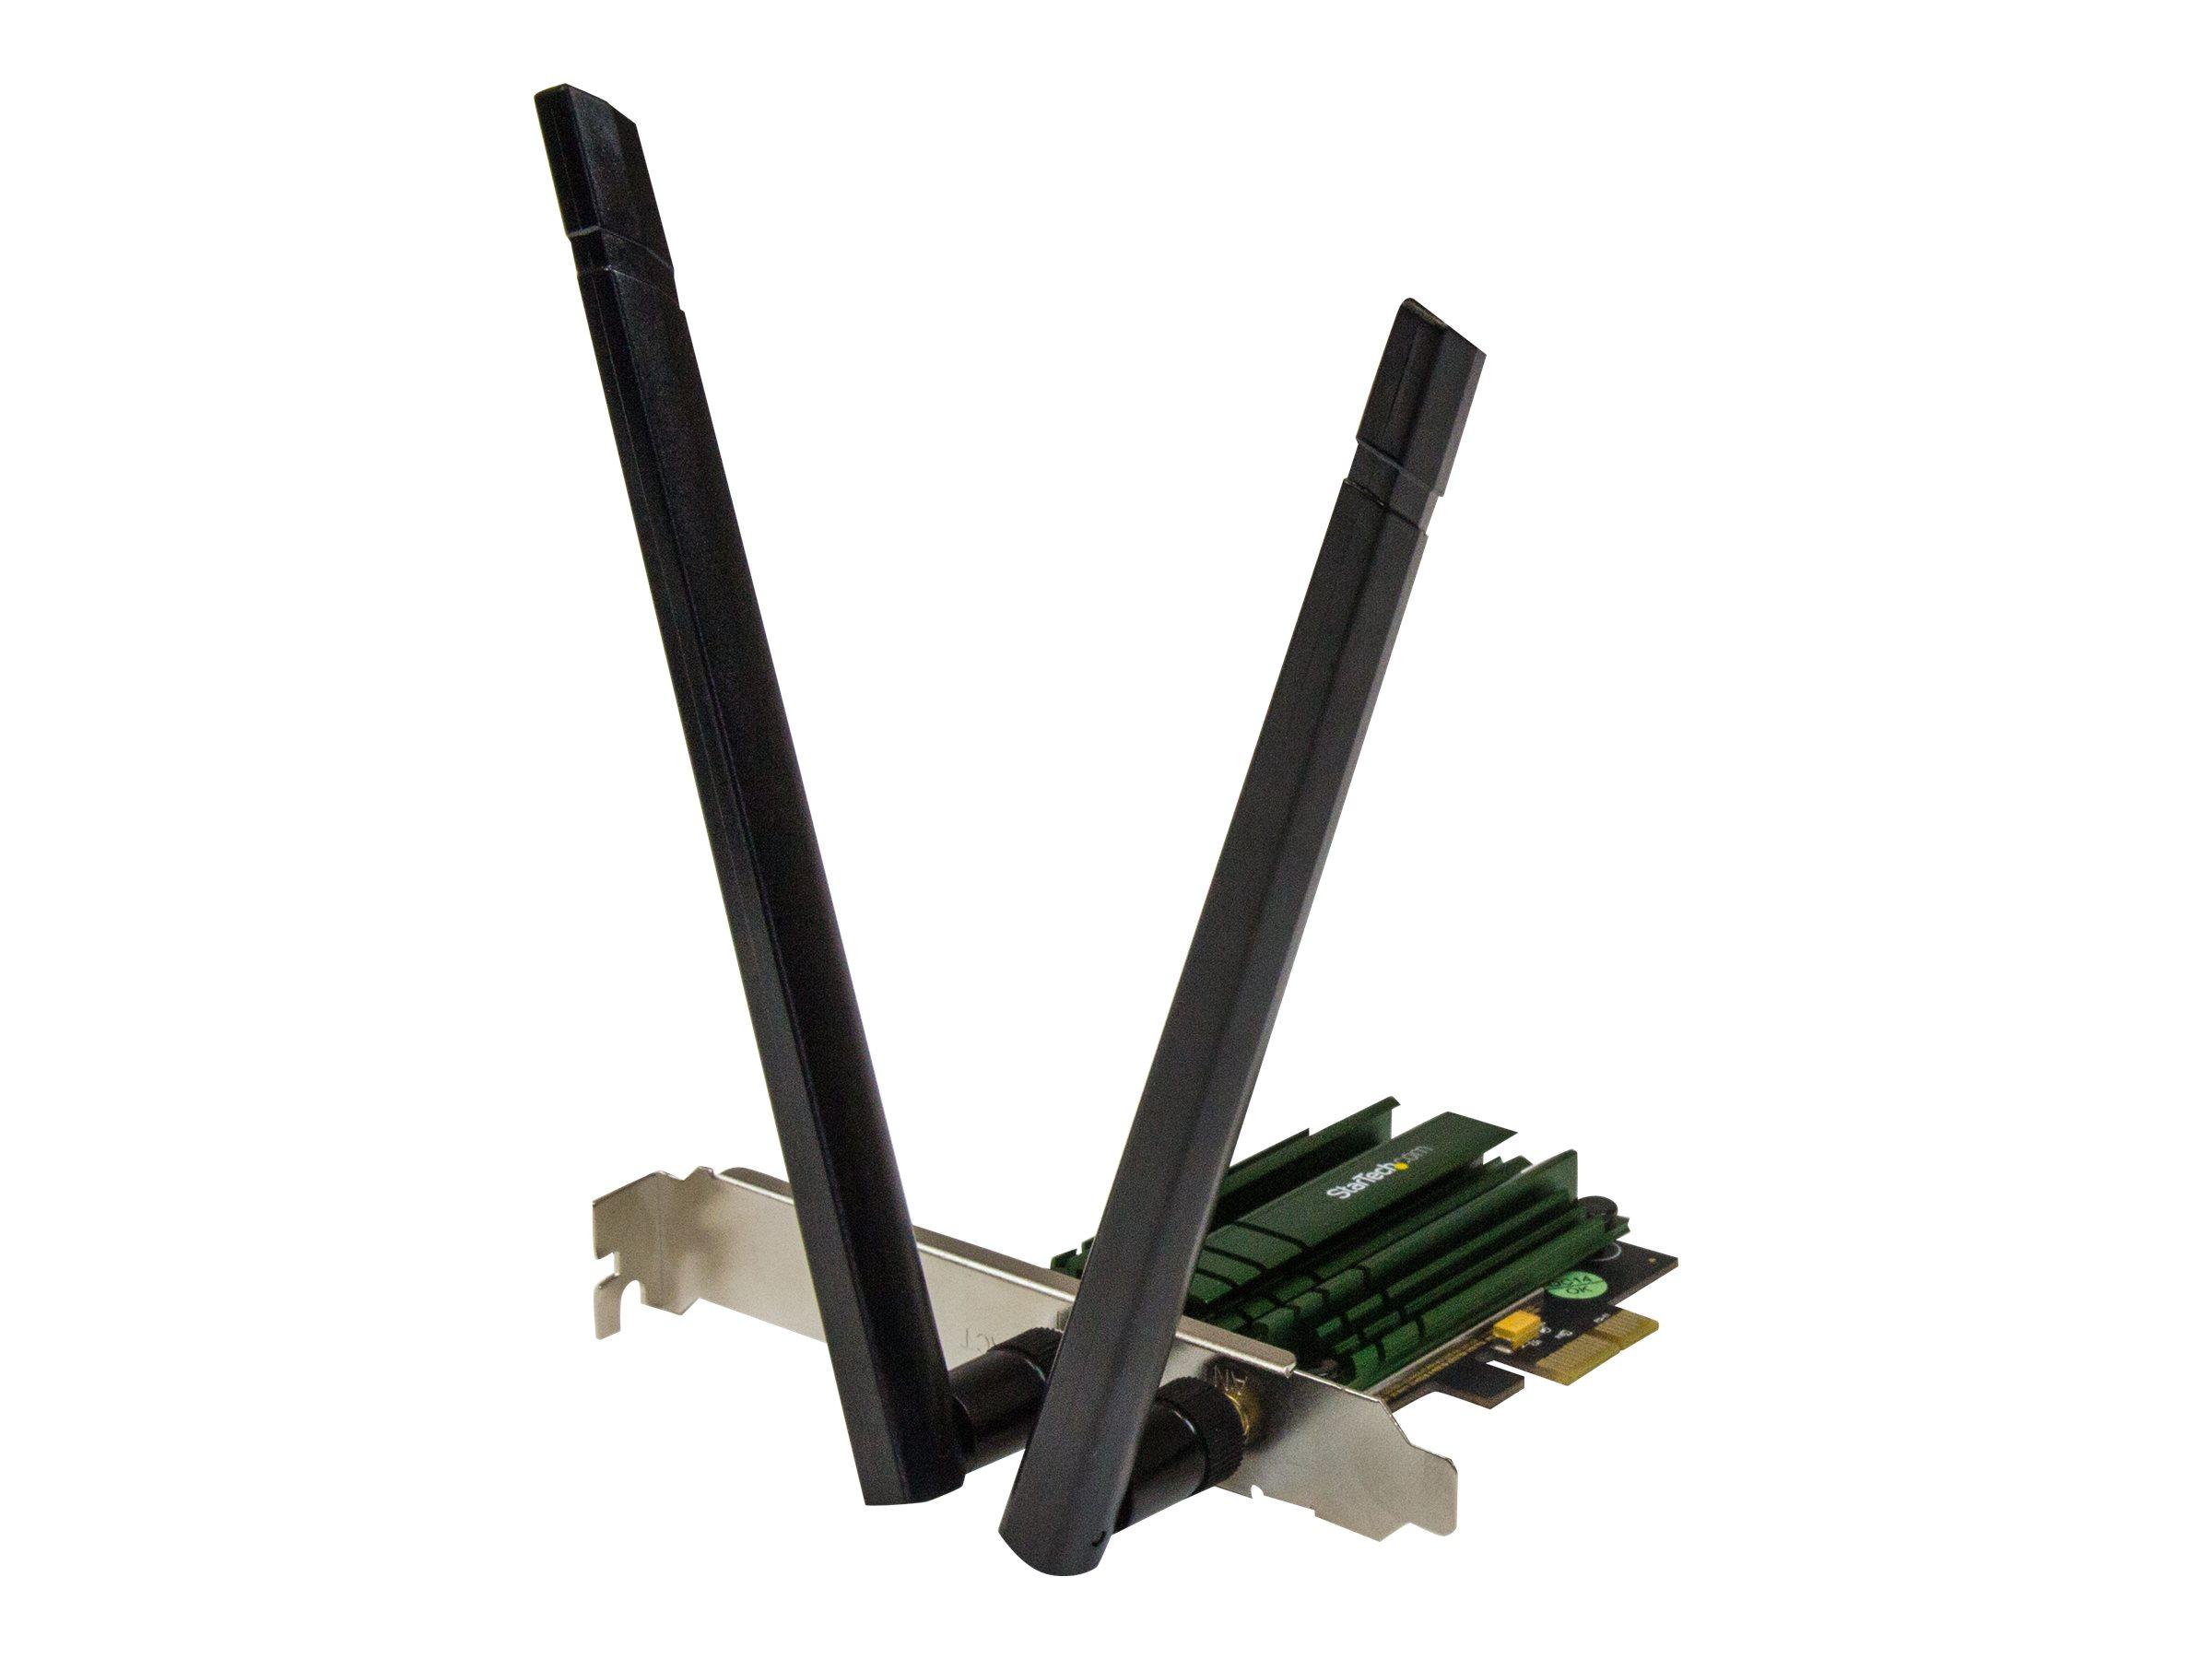 StarTech.com PCI Express WLAN AC1200 Karte - PCIe 802.11a/b/g/n/ac WiFi Dualband Netzwerkkarte - 2,4 / 5GHz - Netzwerkadapter -